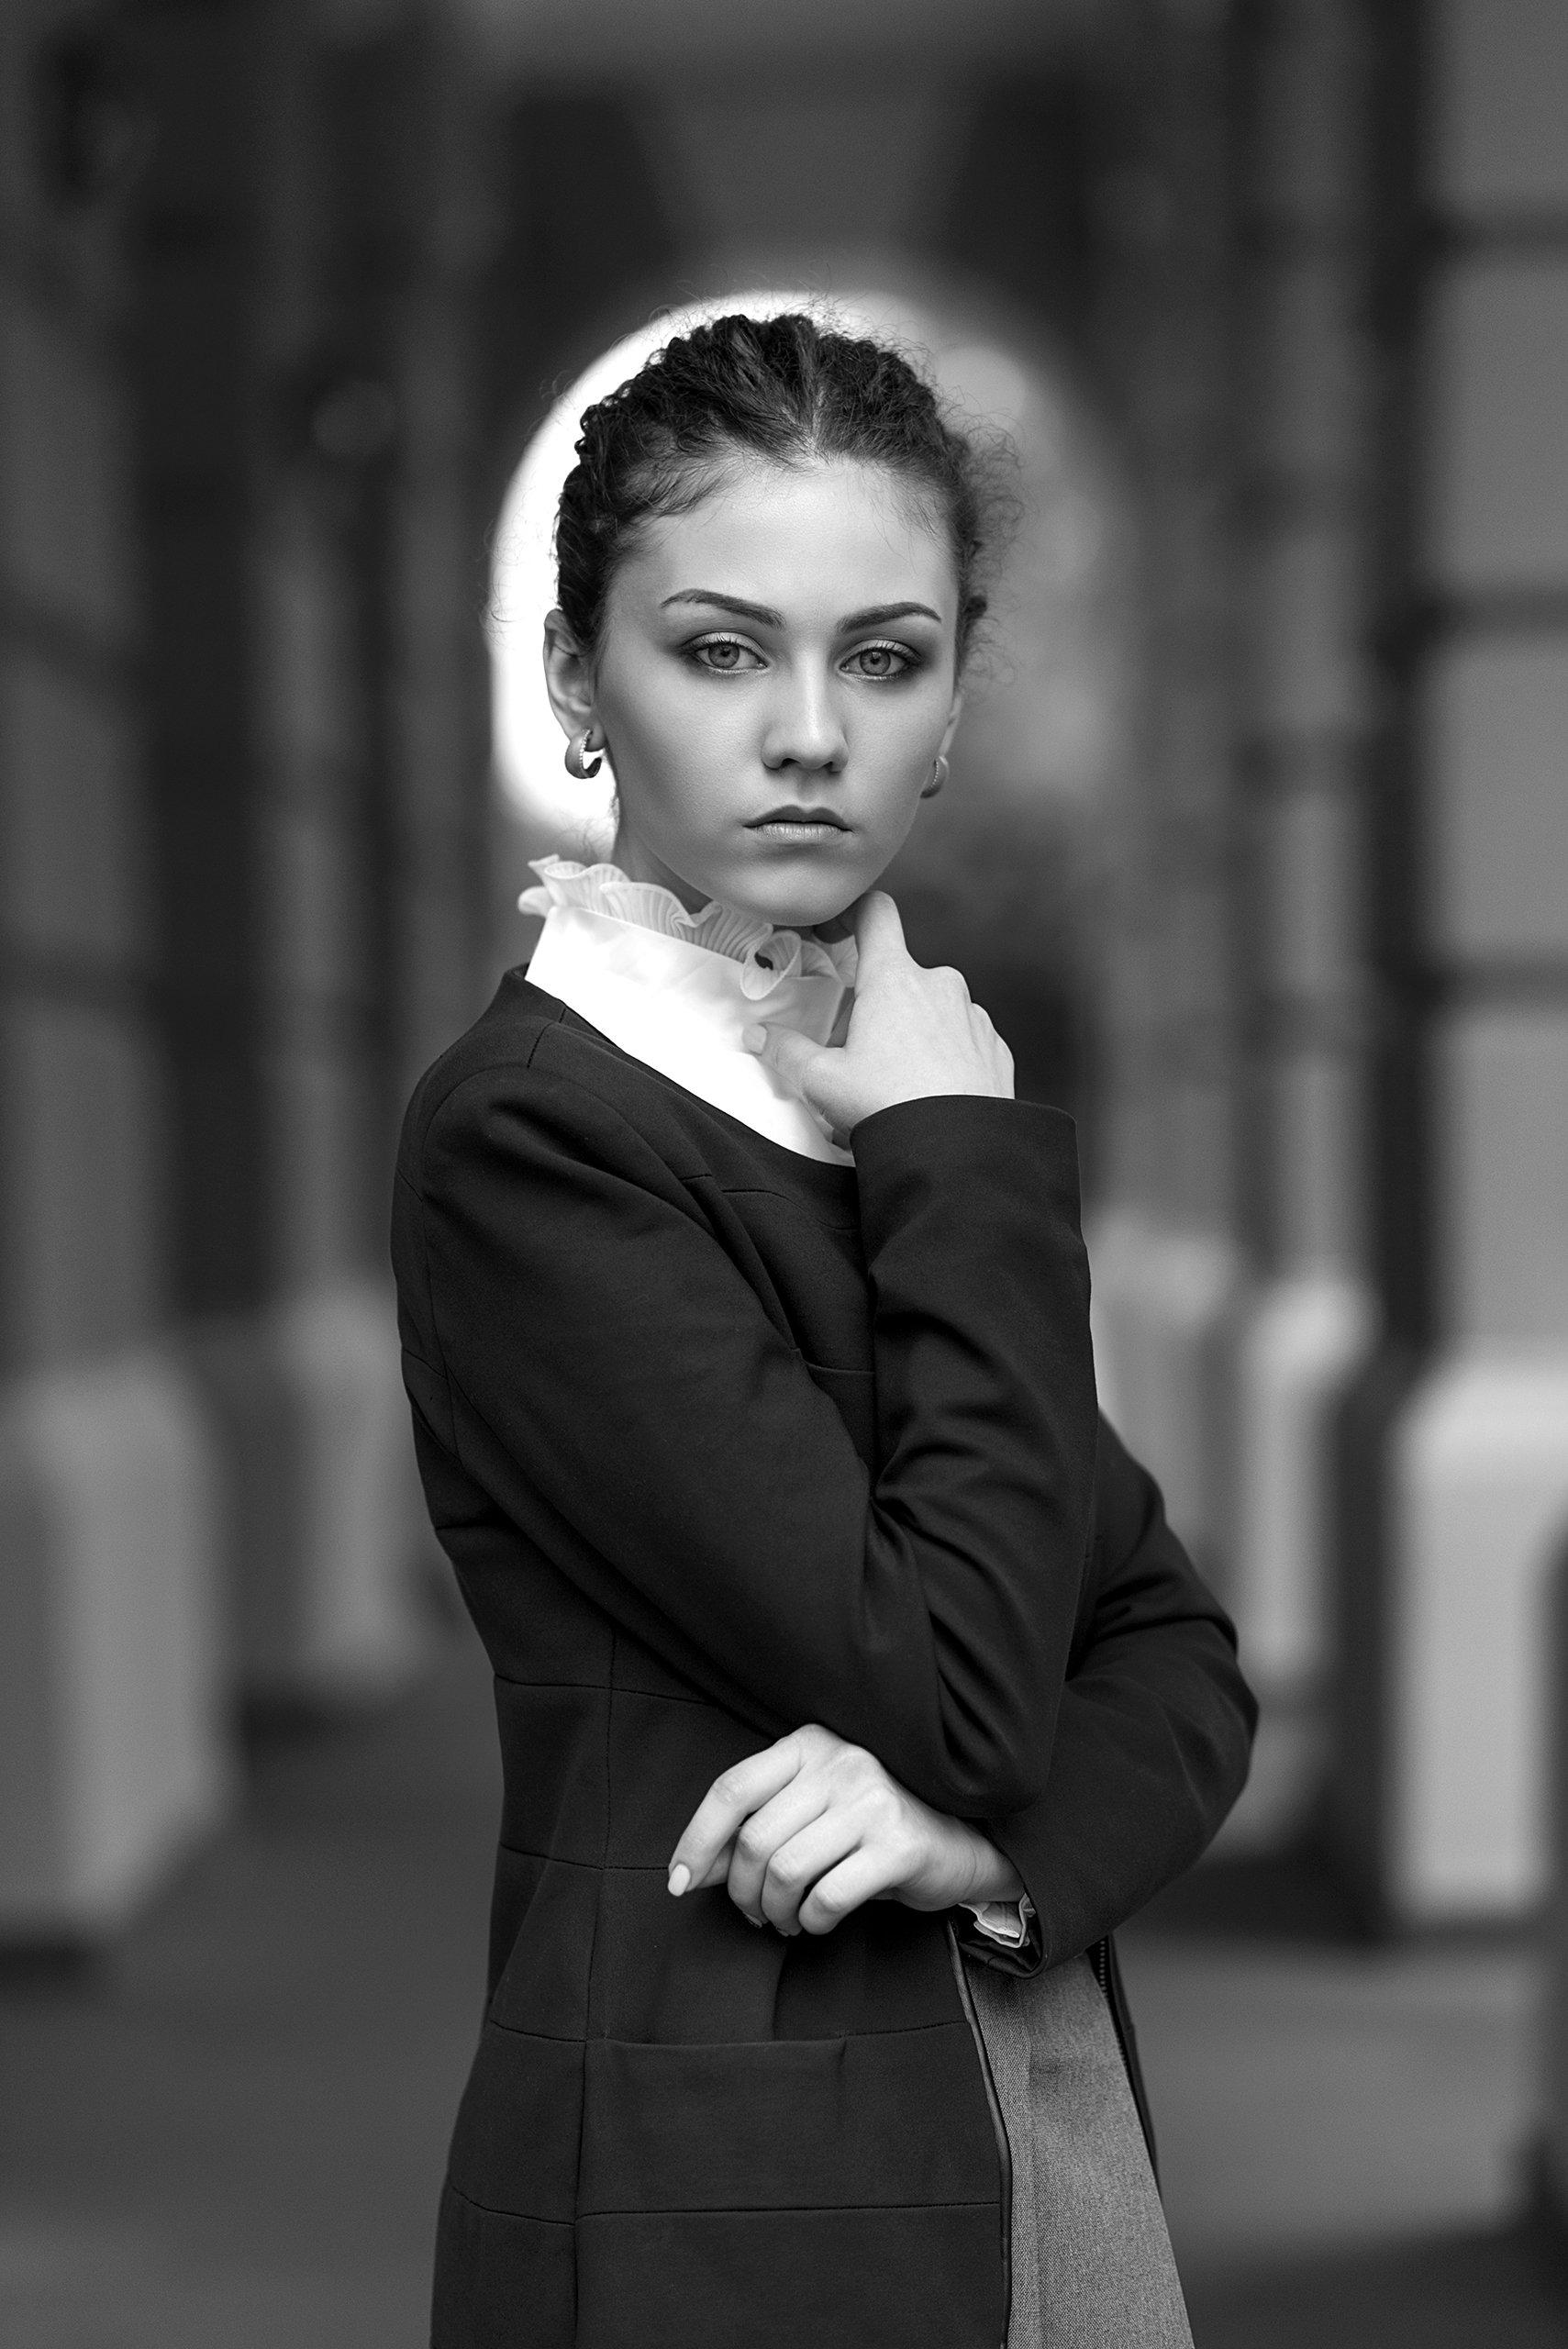 портрет, nikon, 85mm, portrait, Александр Макушин